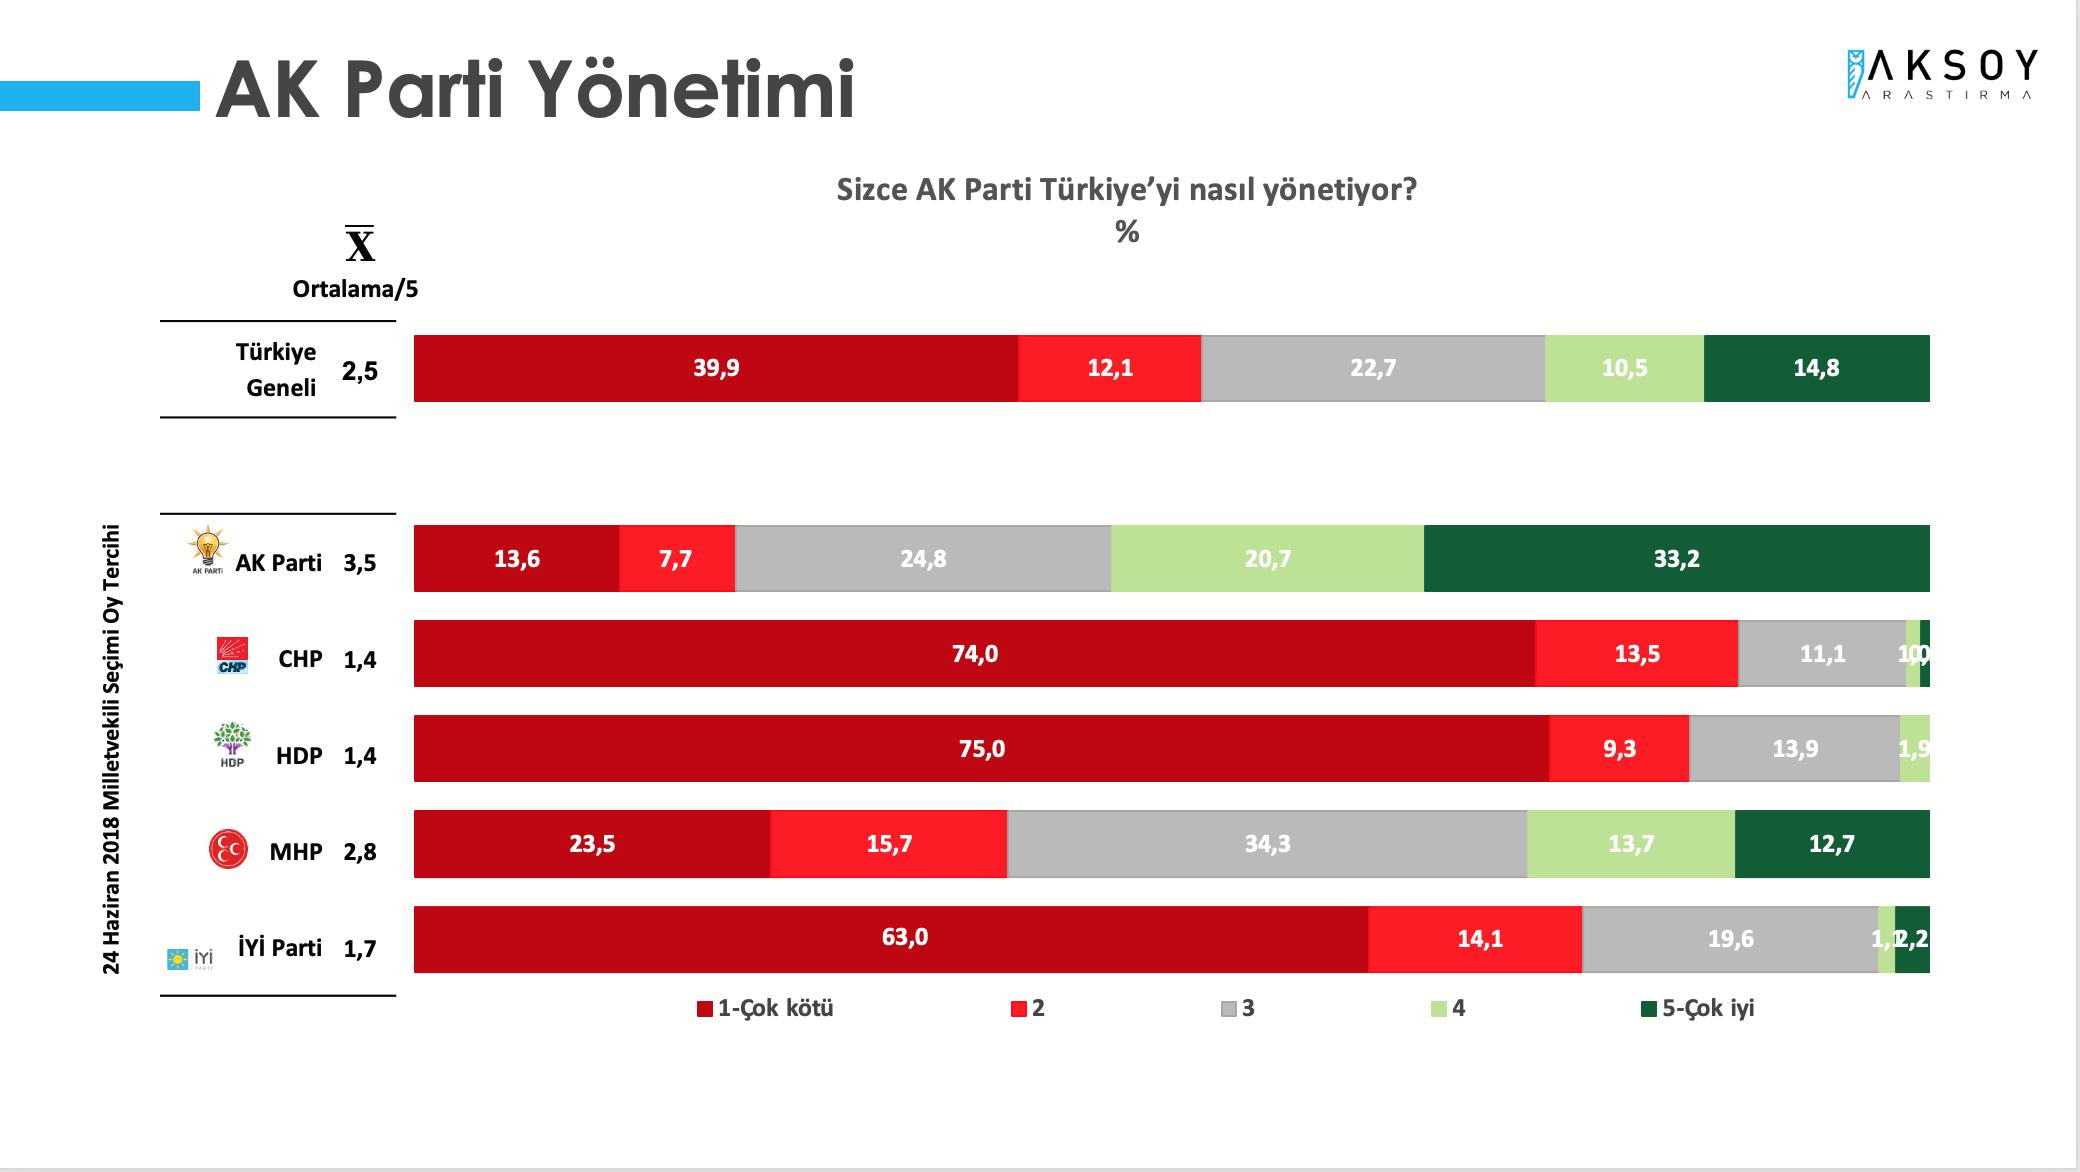 <p><strong>AKP'DEN MEMNUNİYETSİZLİK YÜZDE 50'NİN ÜZERİNDE</strong></p><p>Araştırmada, 'AK Parti Türkiye'yi nasıl yönetiyor?' sorusuna katılımcıların yüzde 52'si kötü yönetiyor yanıtını verirken, AKP'nin Türkiye'yi iyi yönettiği görüşüne sahip olanların oranı ise yüzde 25,3 seviyesinde kaldı. Aynı soruya yanıt veren MHP seçmeninin yüzde 39,2'si AKP'nin Türkiye'yi kötü yönettiğini düşünüyor. MHP seçmeninin sadece yüzde 26,4'ü AKP'nin iyi yönettiği görüşünü savunuyor.</p>